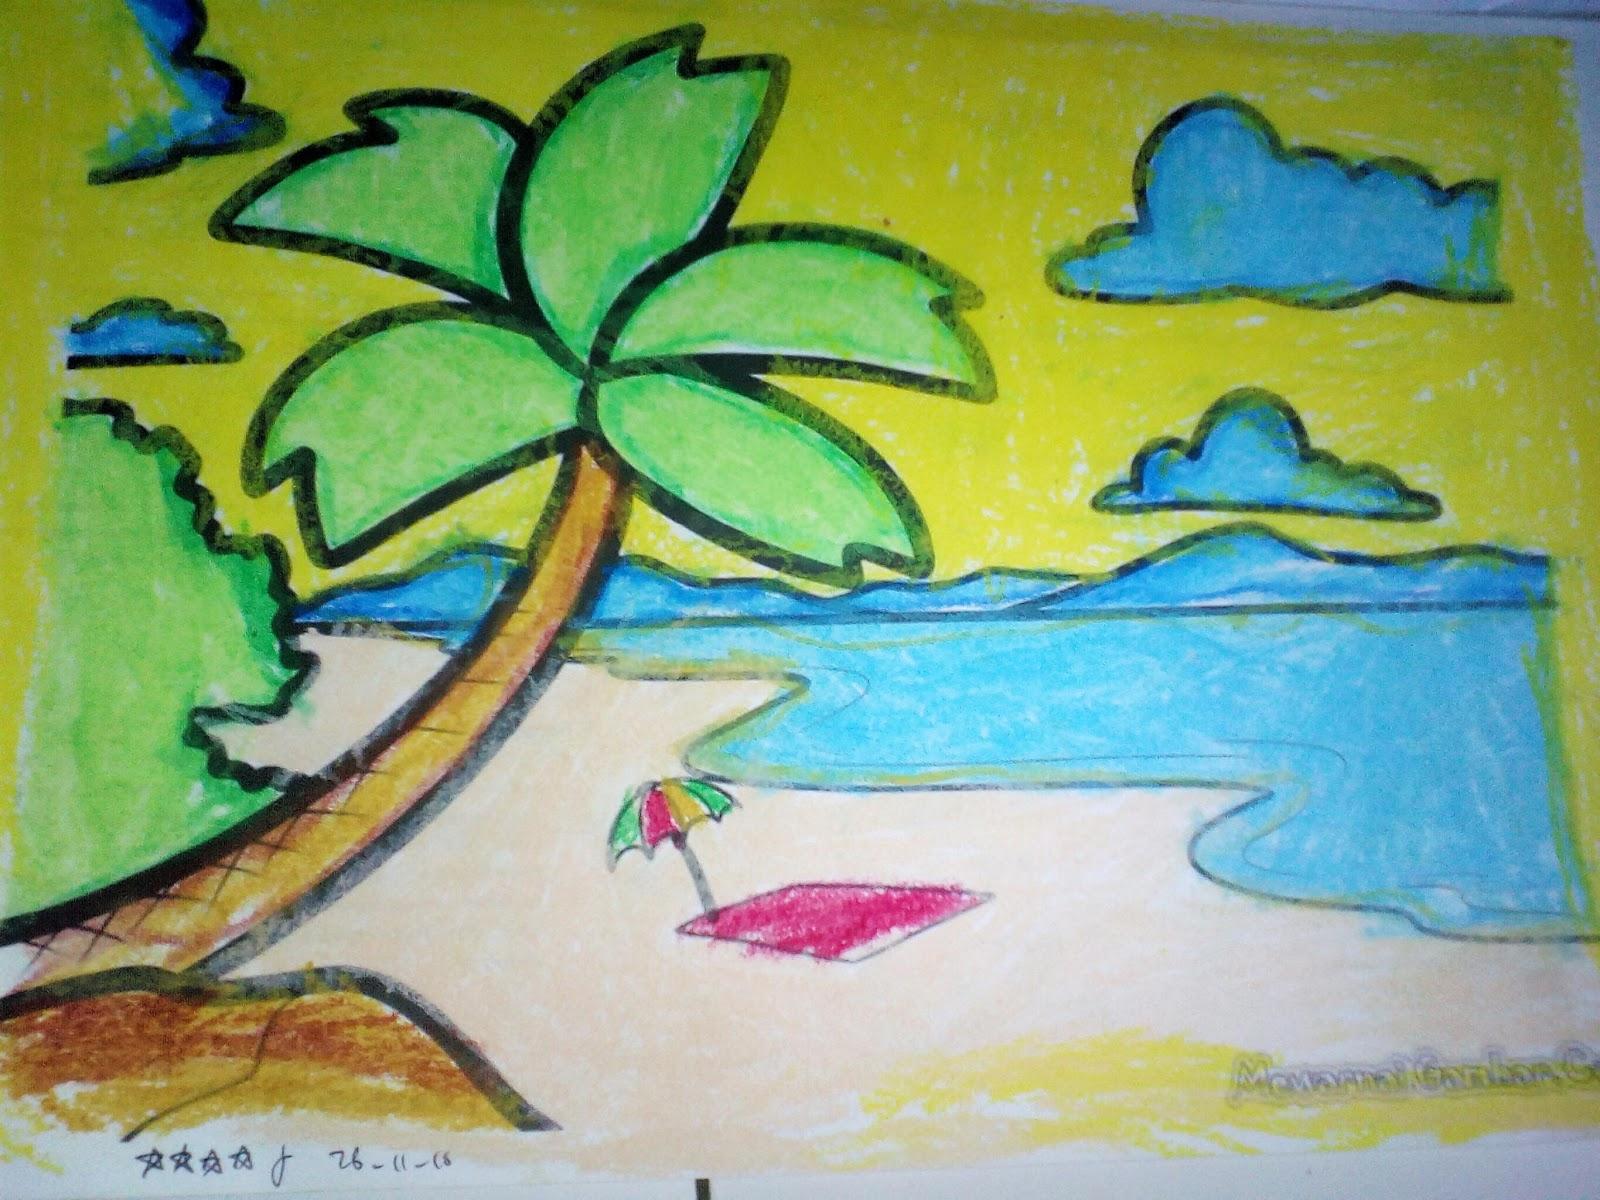 Mewarnai Pantai 2016 Tk Islam Miftahul Ulum Gumayun